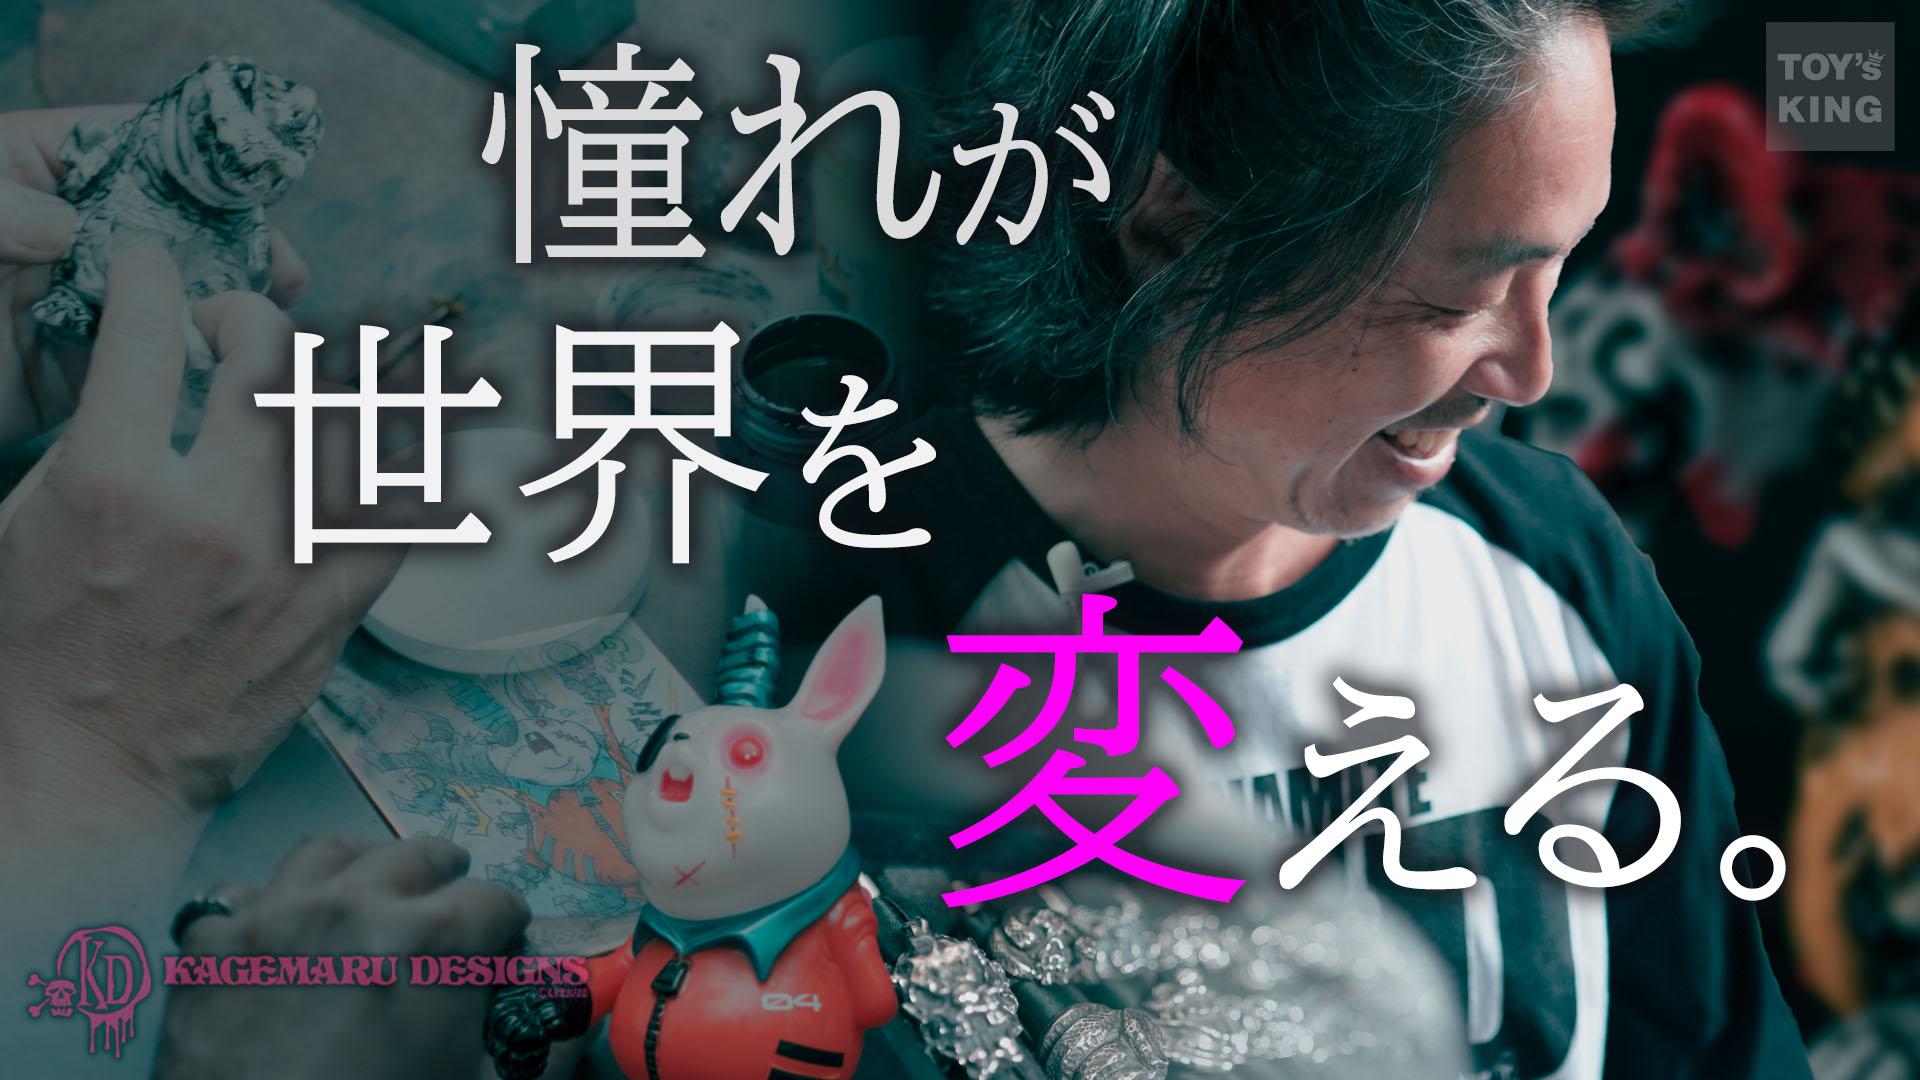 【ソフビの世界のスゴイ人】憧れが世界を変える!「 カゲマルデザイン 」さんを動画で、ご紹介 第3弾 / T-BASE TV